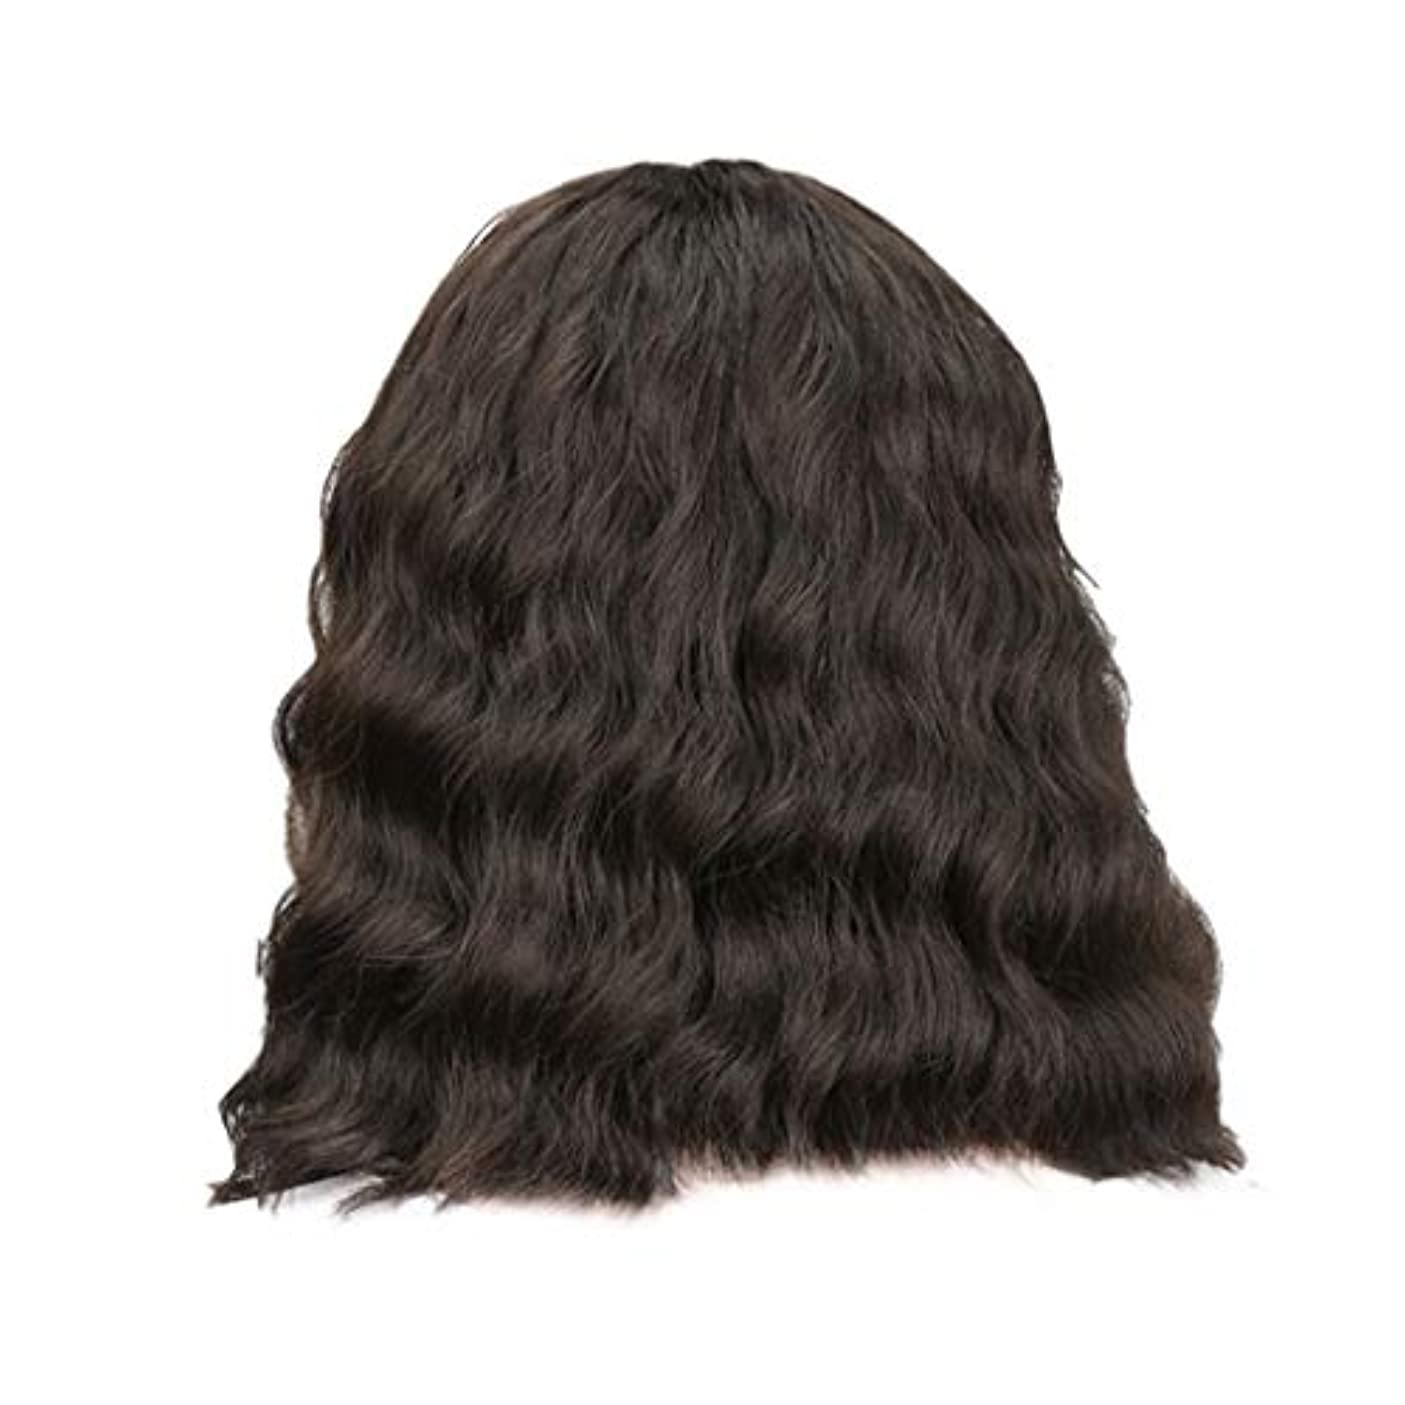 パラシュート目立つラベル女性の黒の短い巻き毛のかつらボブ波かつらローズネット34 cm